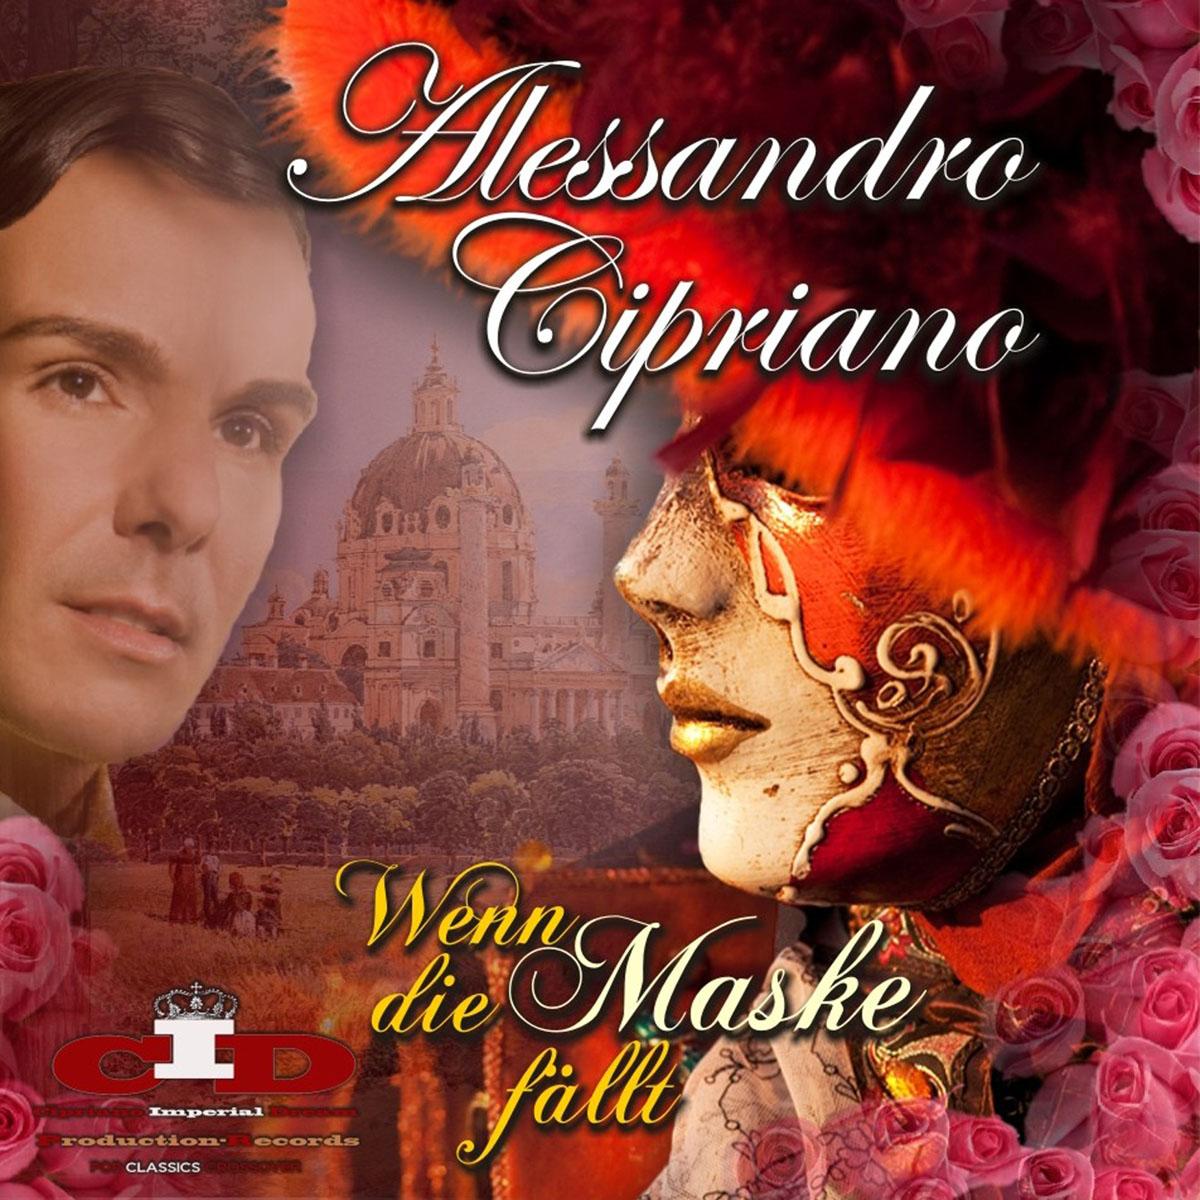 Alessandro CIpriano, Press Image, Wenn die Maske Fällt 2012